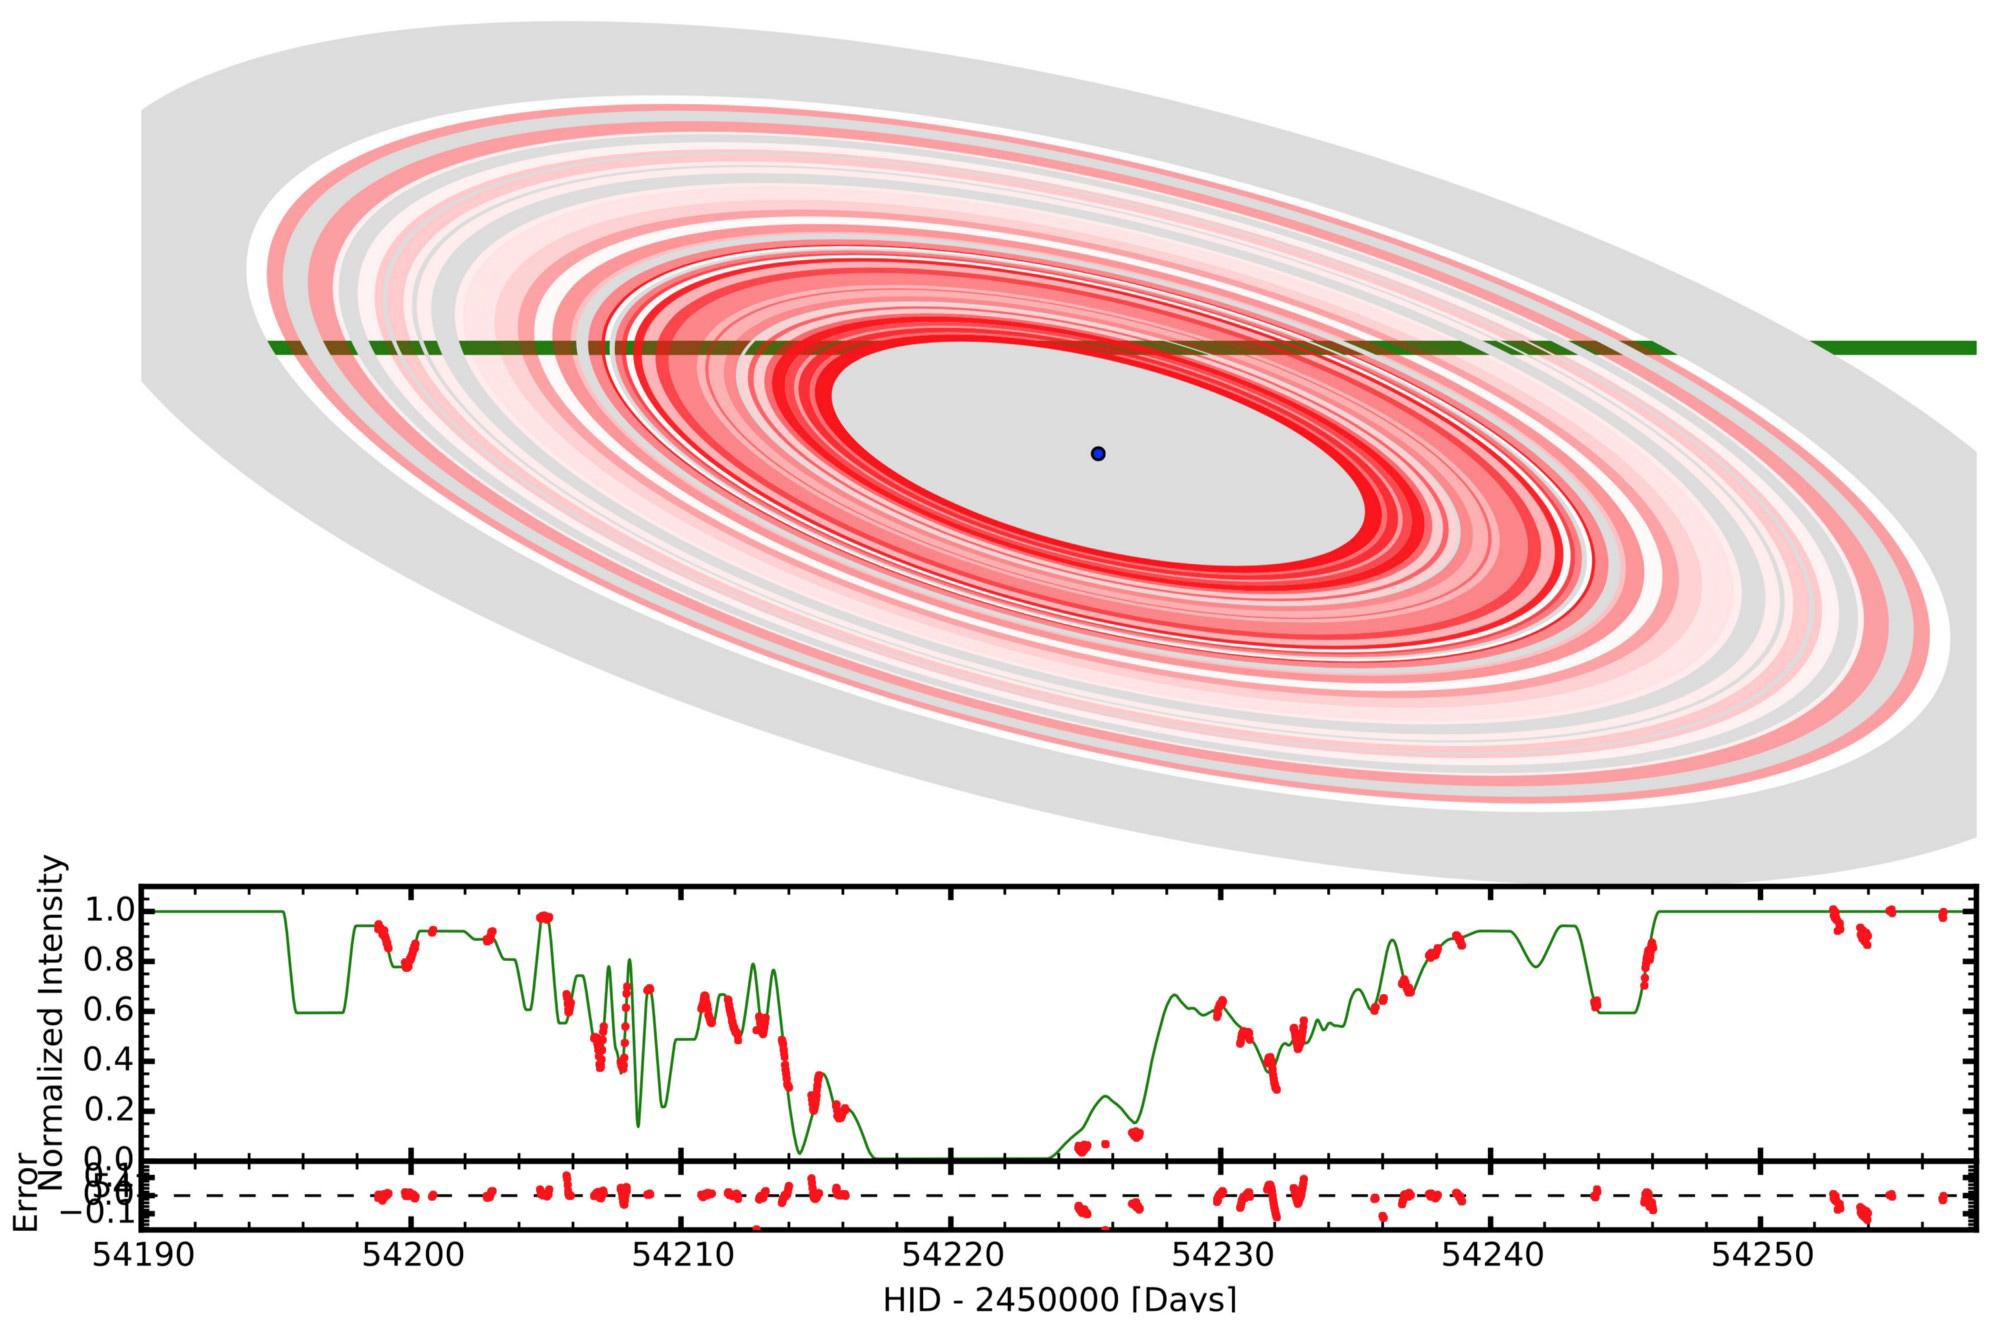 Рис. 1. Транзит колец через звезду 1SWASP J1407. Нижняя панель: кривая блеска звезды. По горизонтали — юлианские дни, по вертикали — доля от полной яркости. Красные точки — измерения, зеленая кривая — результат подгонки, красные точки снизу — остаточные отклонения. Верхняя панель: подгоночная модель колец, насыщенность цвета отражает плотность. Серые кольца: нет данных. Зеленая прямая: трек звезды; ширина линии соответствует ее размеру. Из статьи Rieder&Kenworthy (2016)